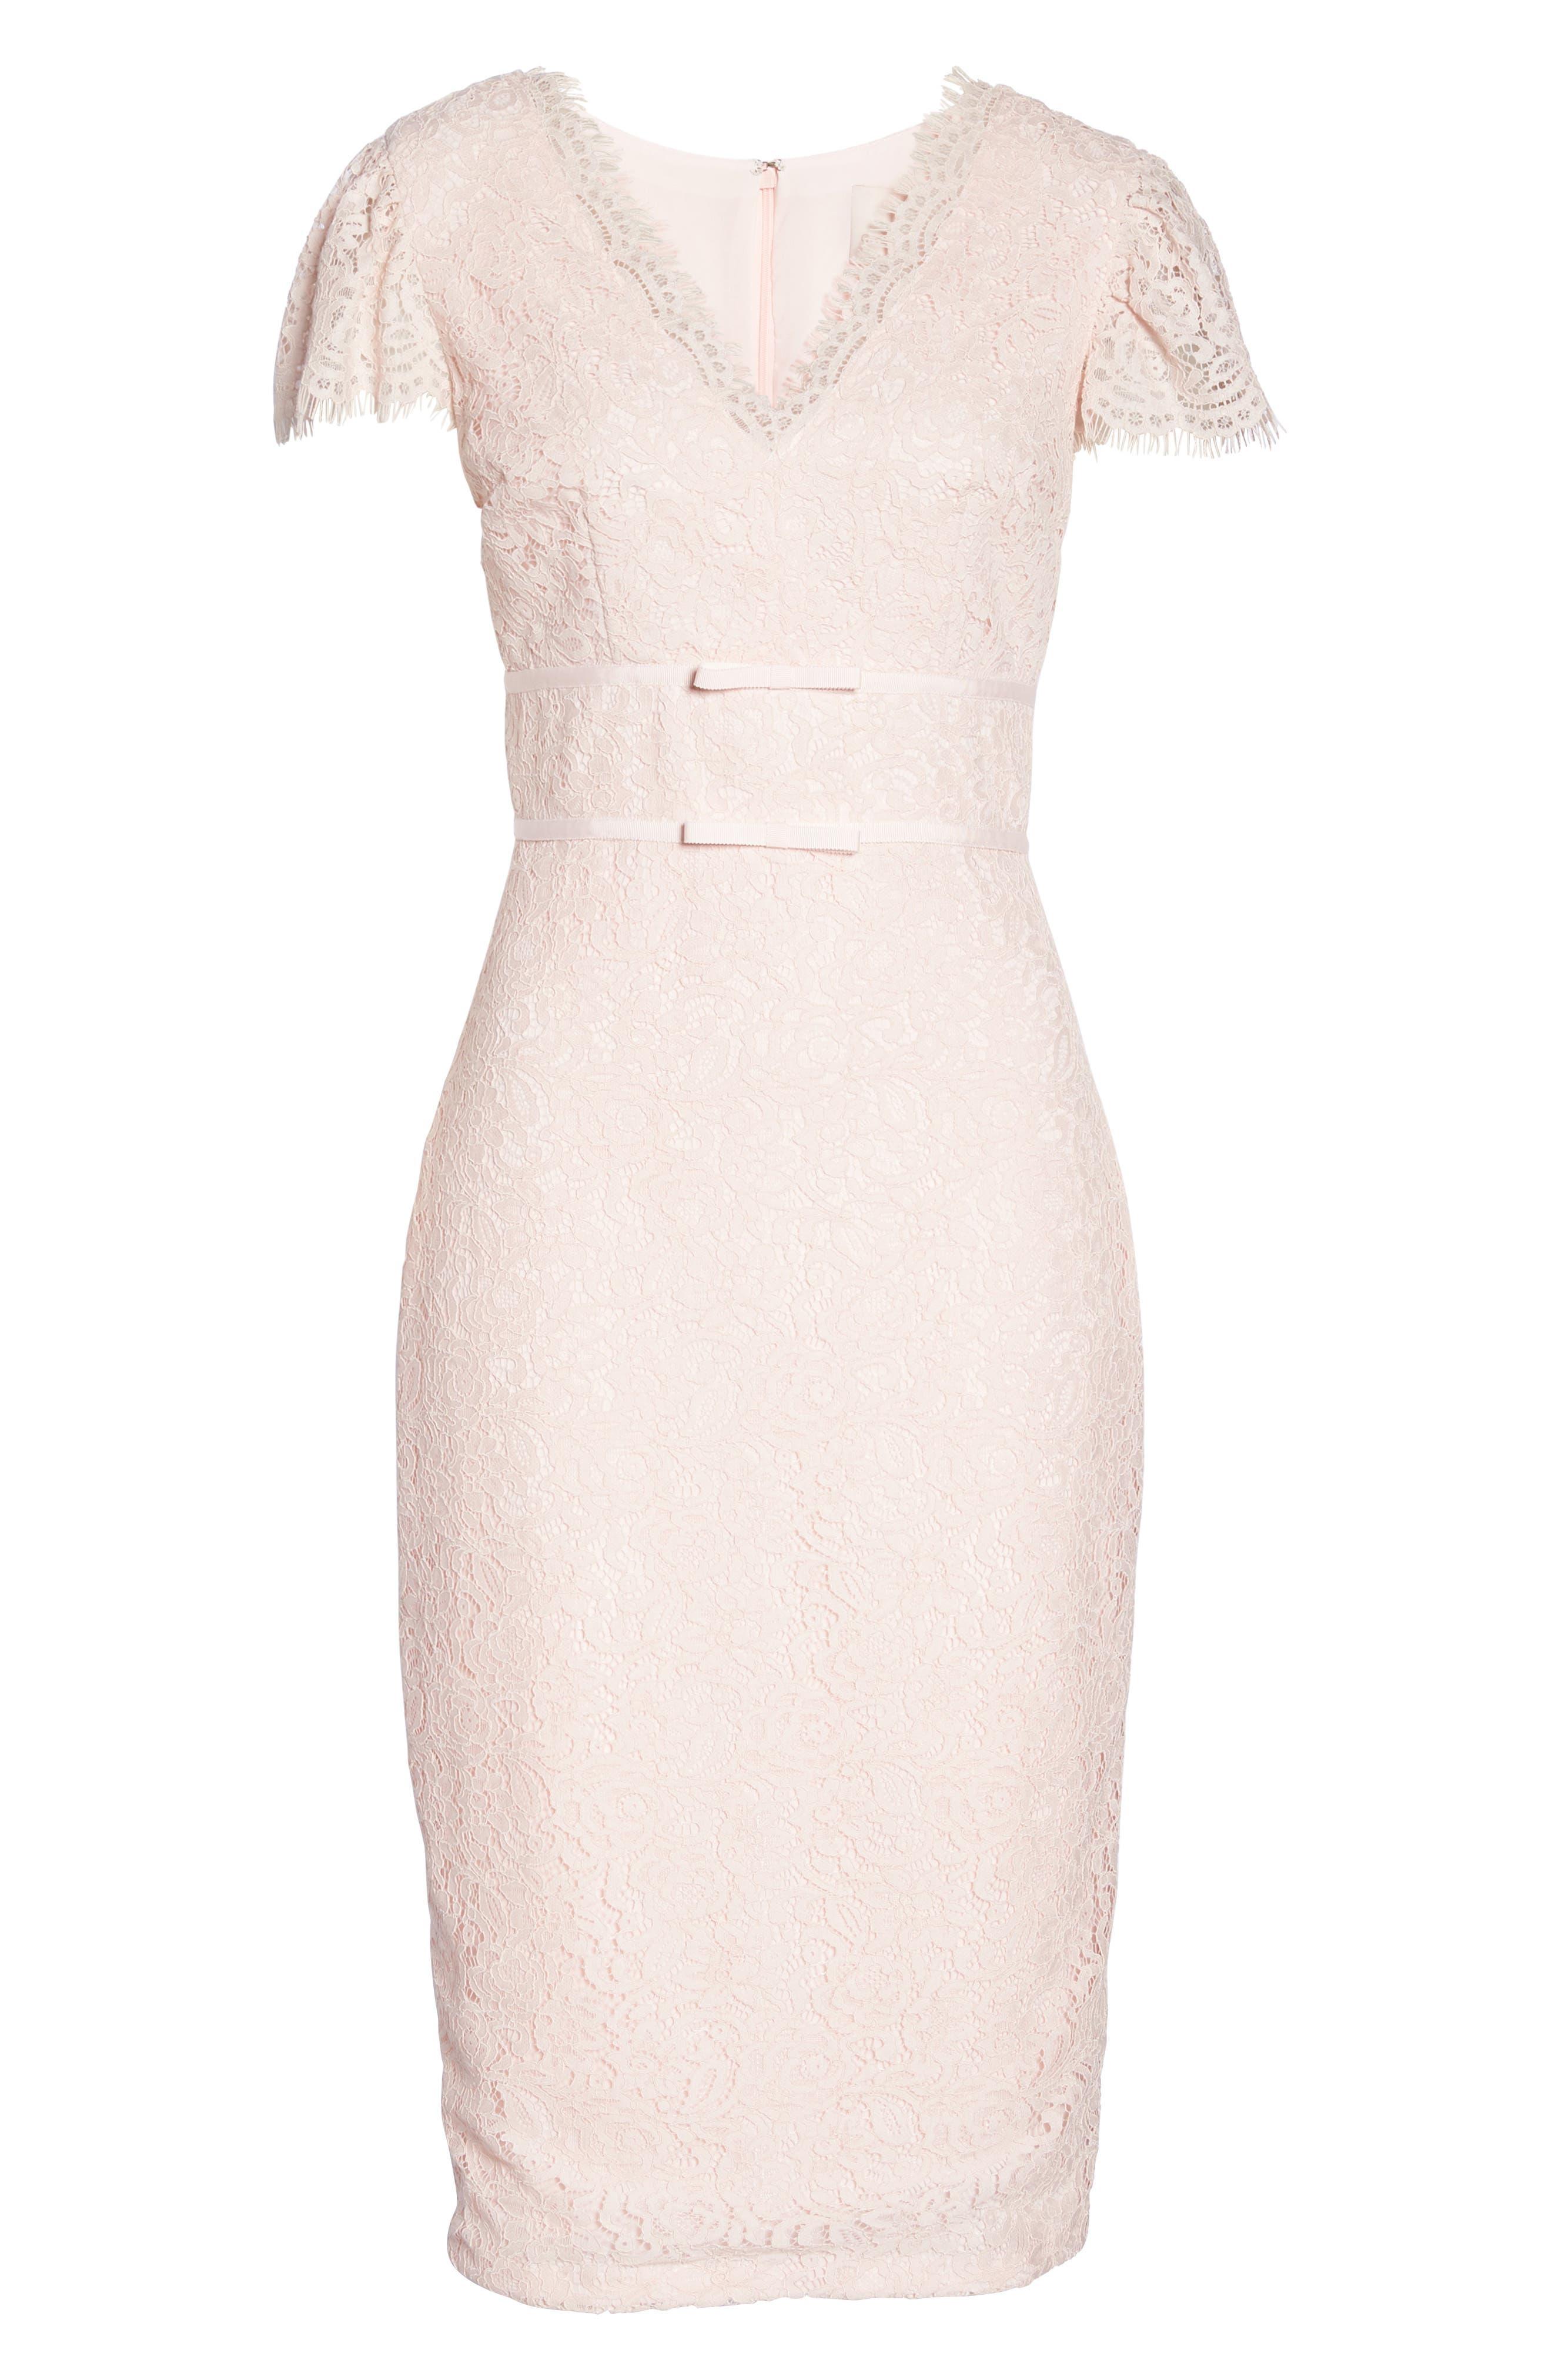 Ginger Rosebud Lace Sheath Dress,                             Alternate thumbnail 8, color,                             Blush